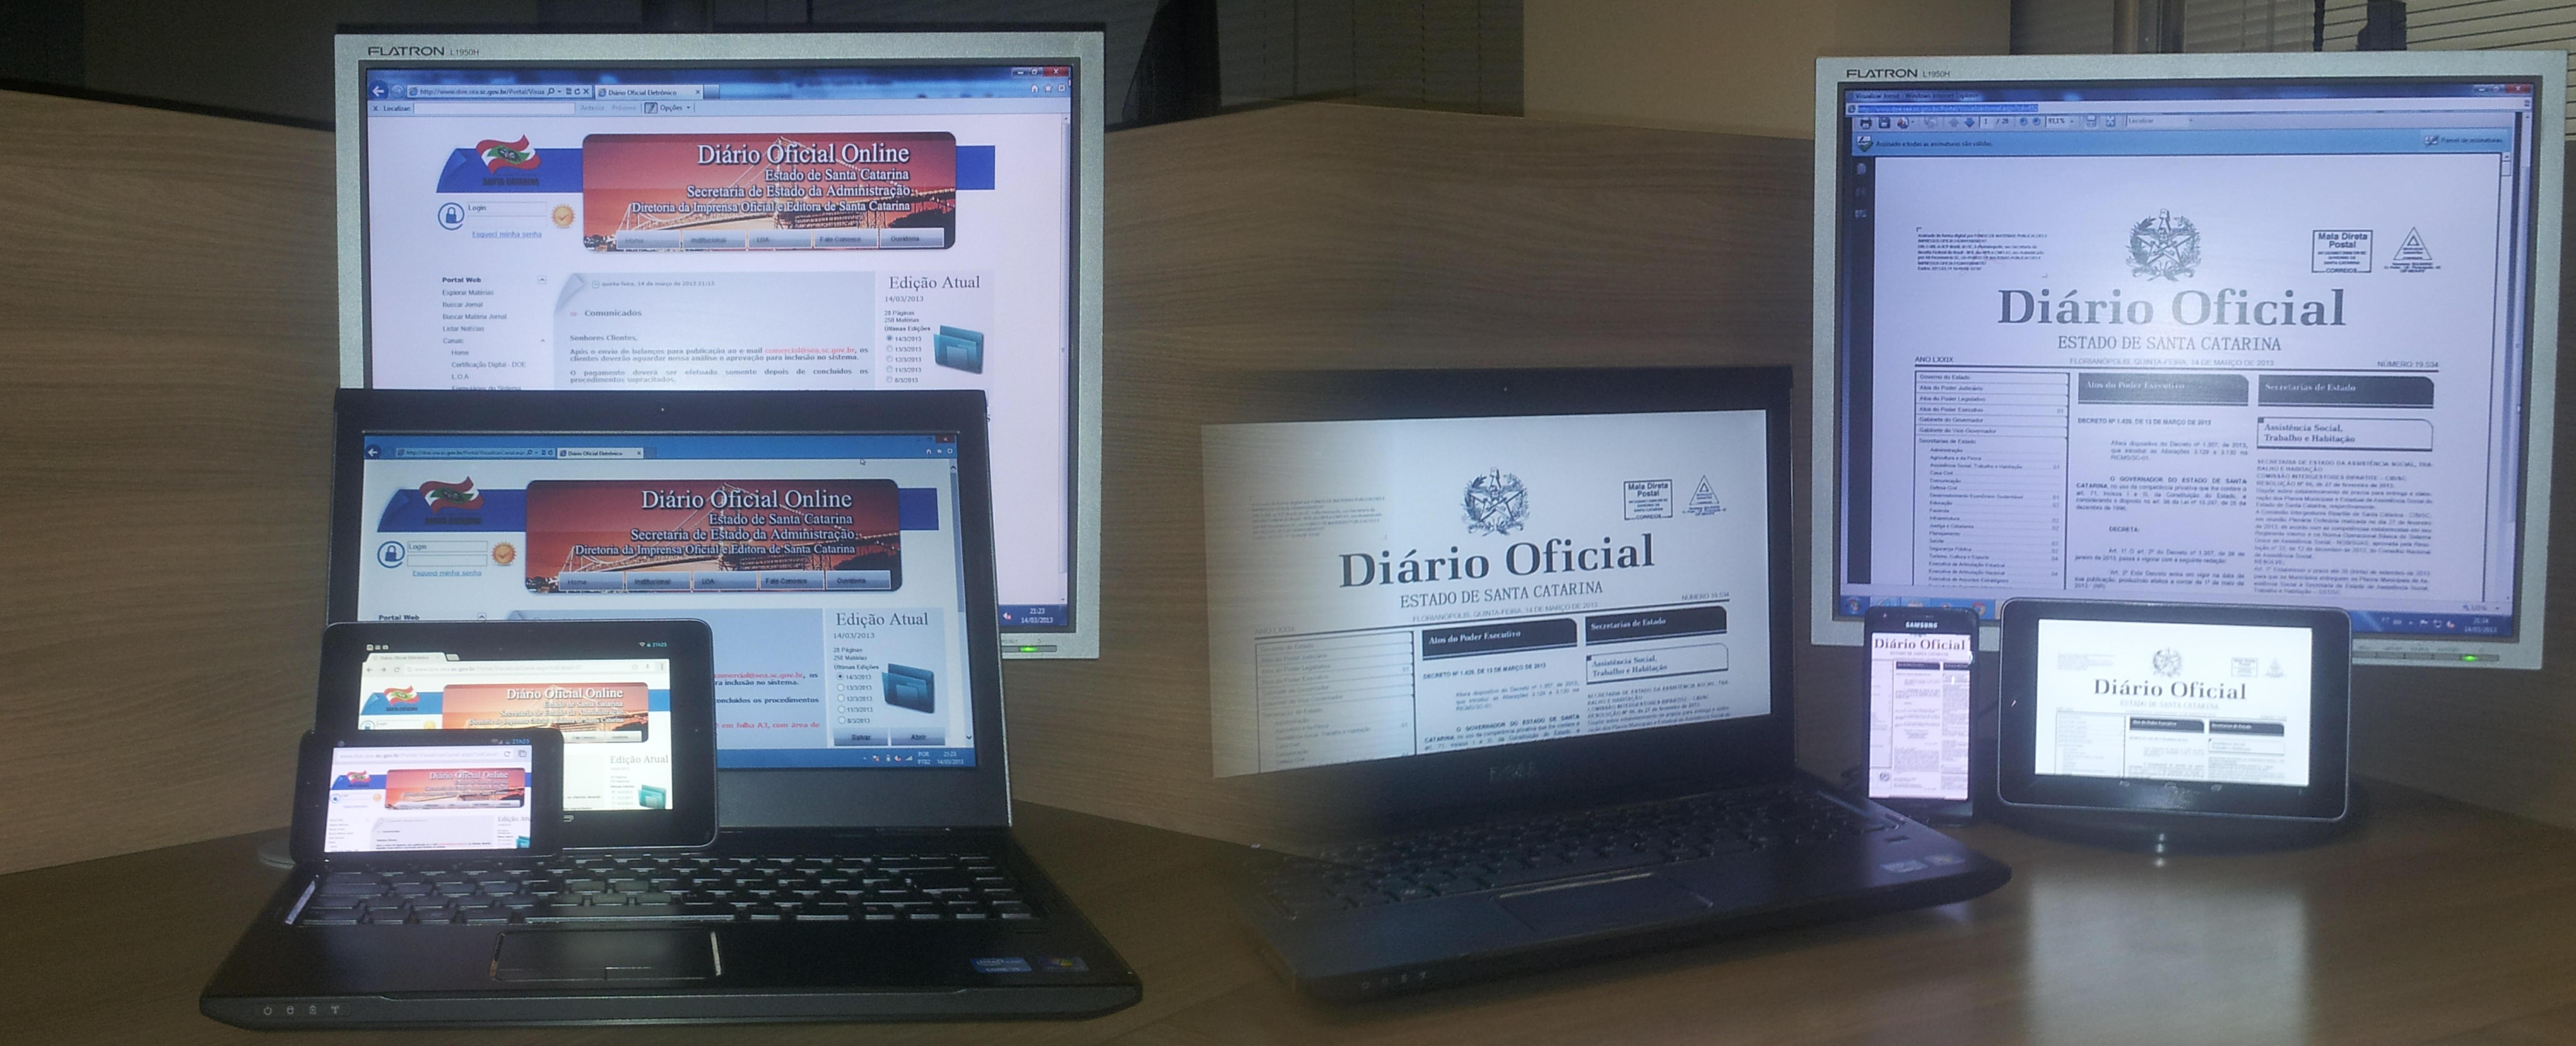 Diario - Dispositivos na Mesa - Juntos.jpg